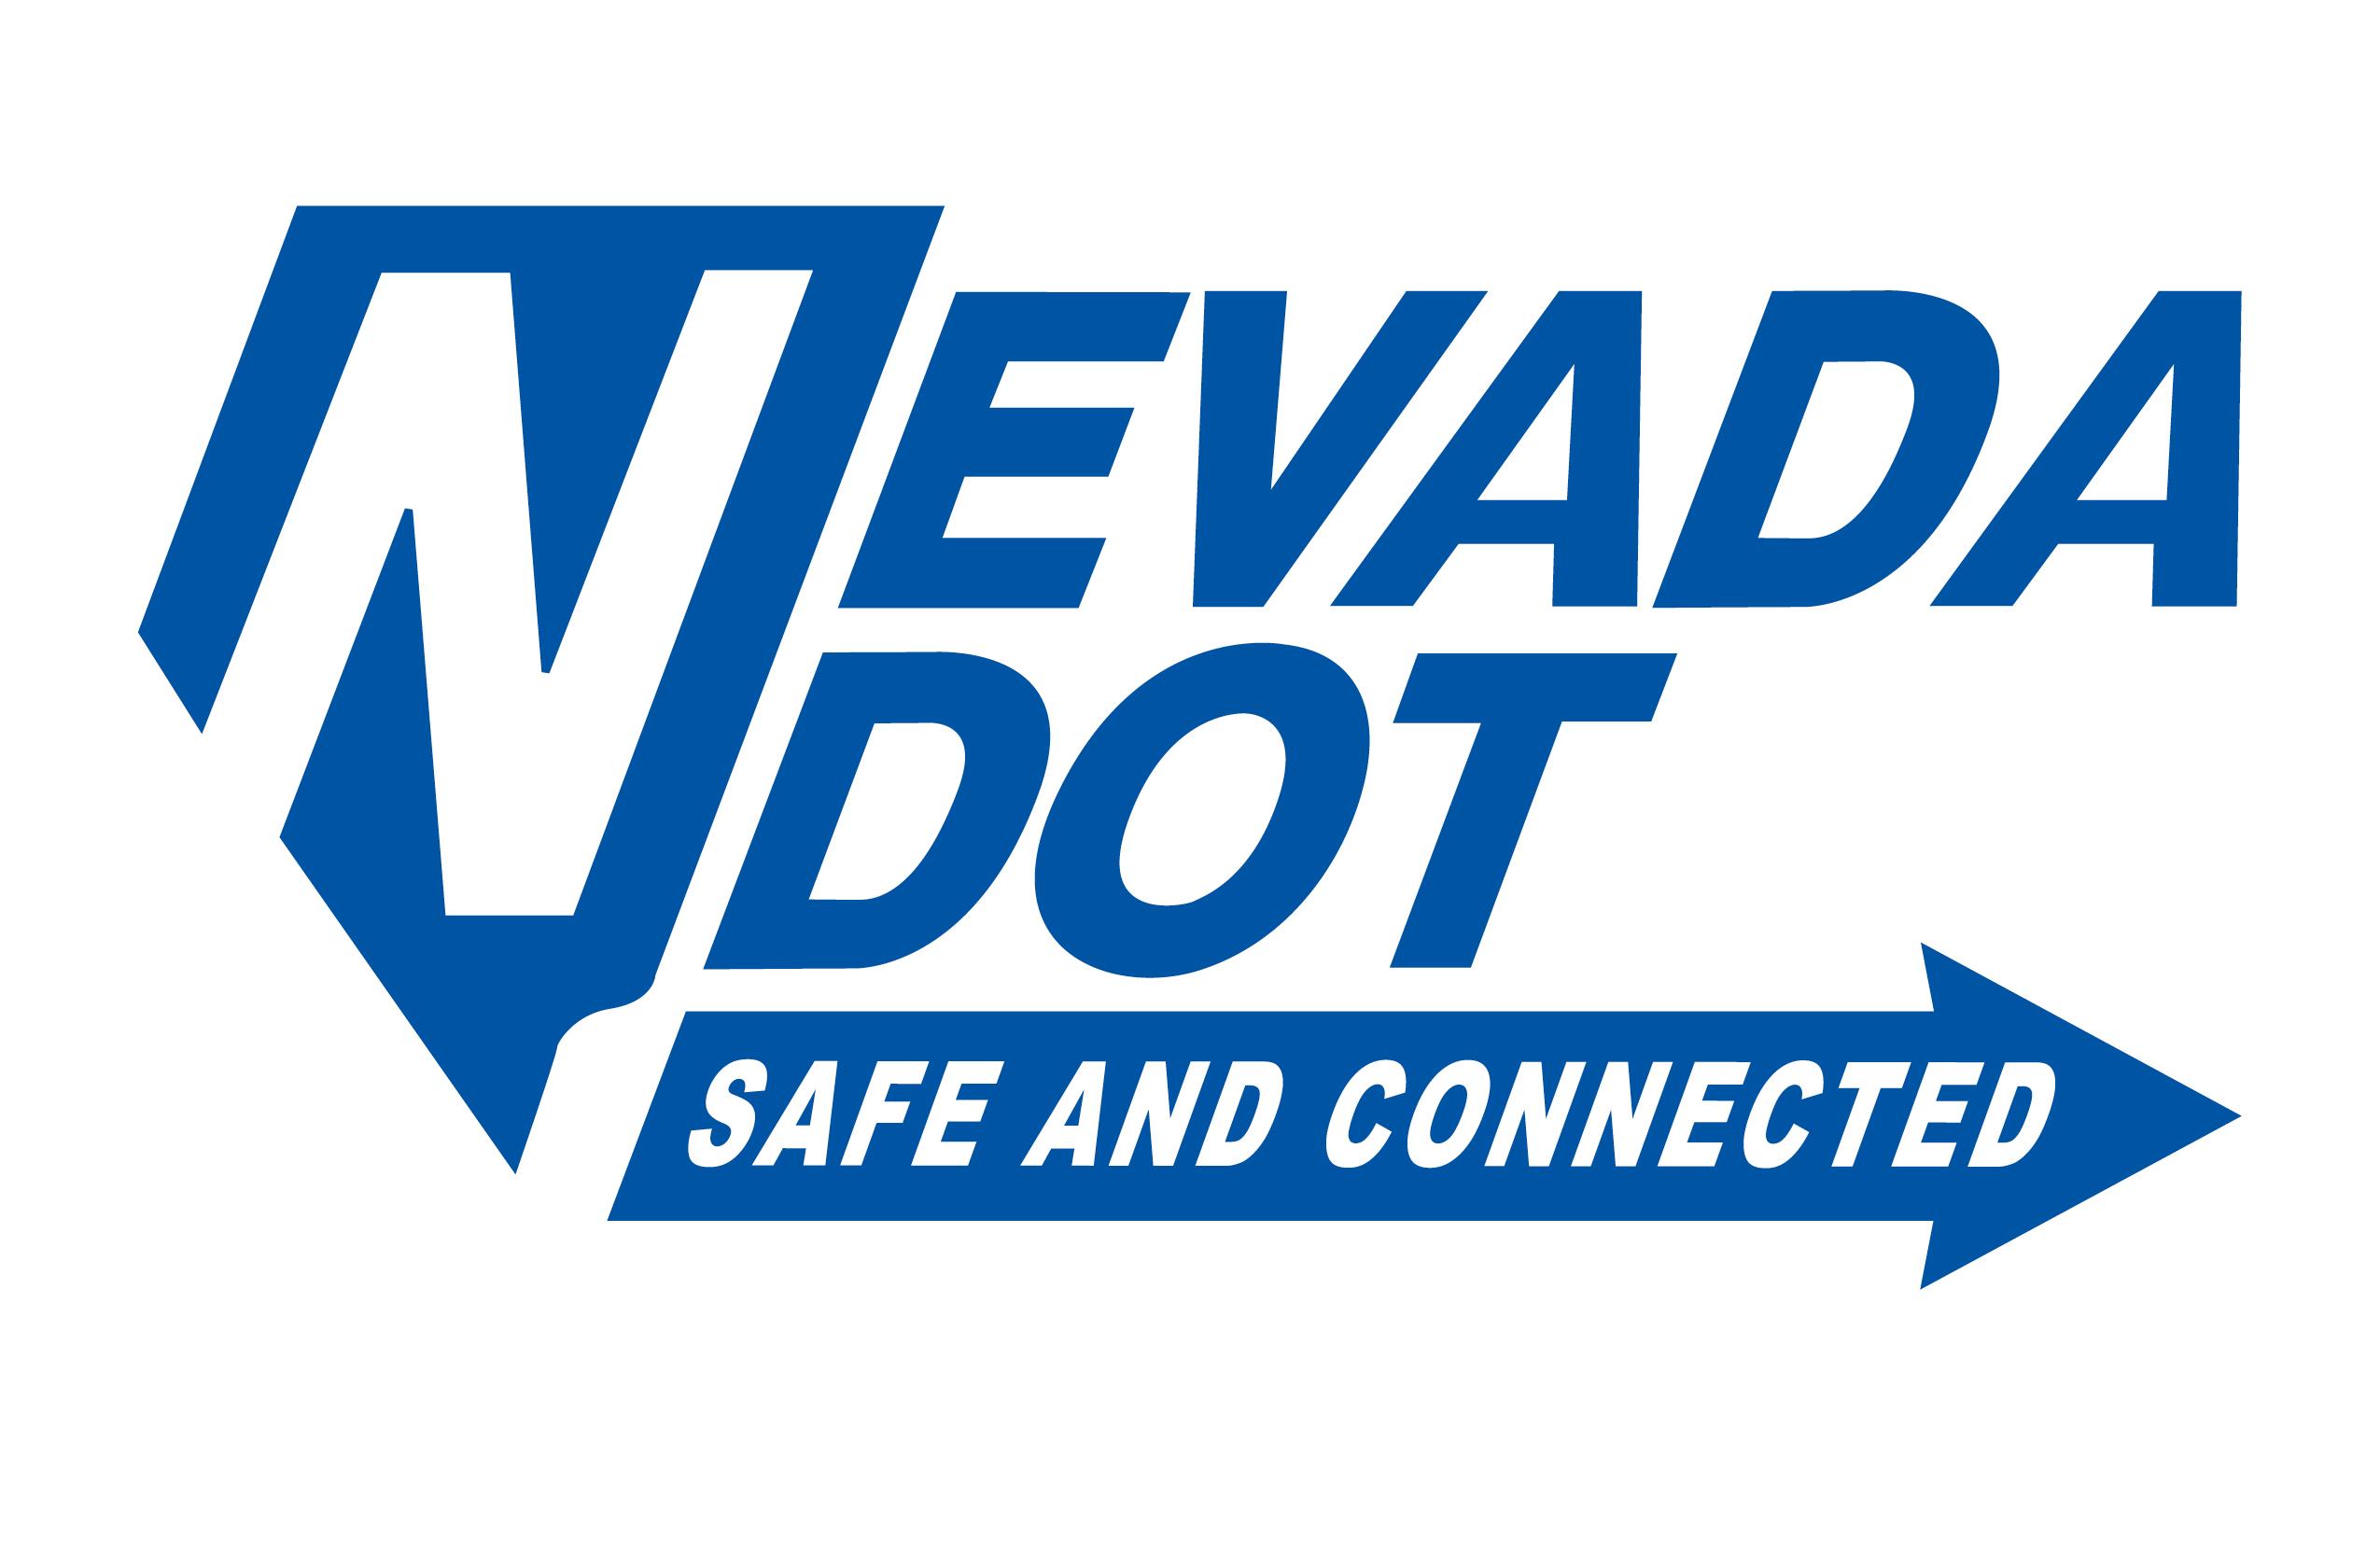 3 NDOT Logo